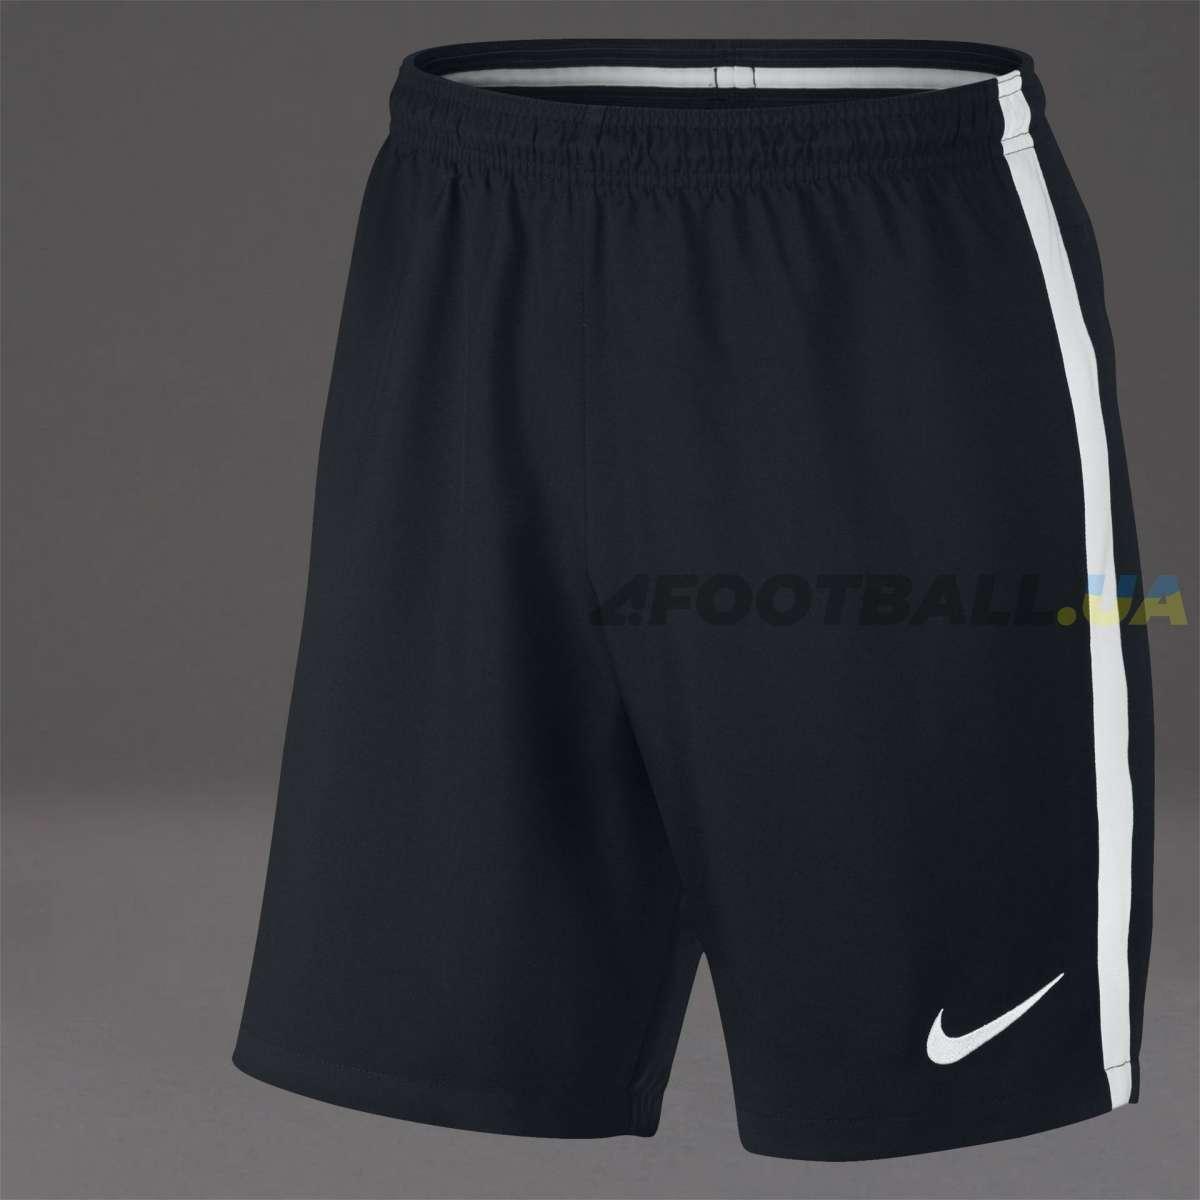 7132275ff5bc Футбольная форма — купить оригинальную футбольную форму клубов ...